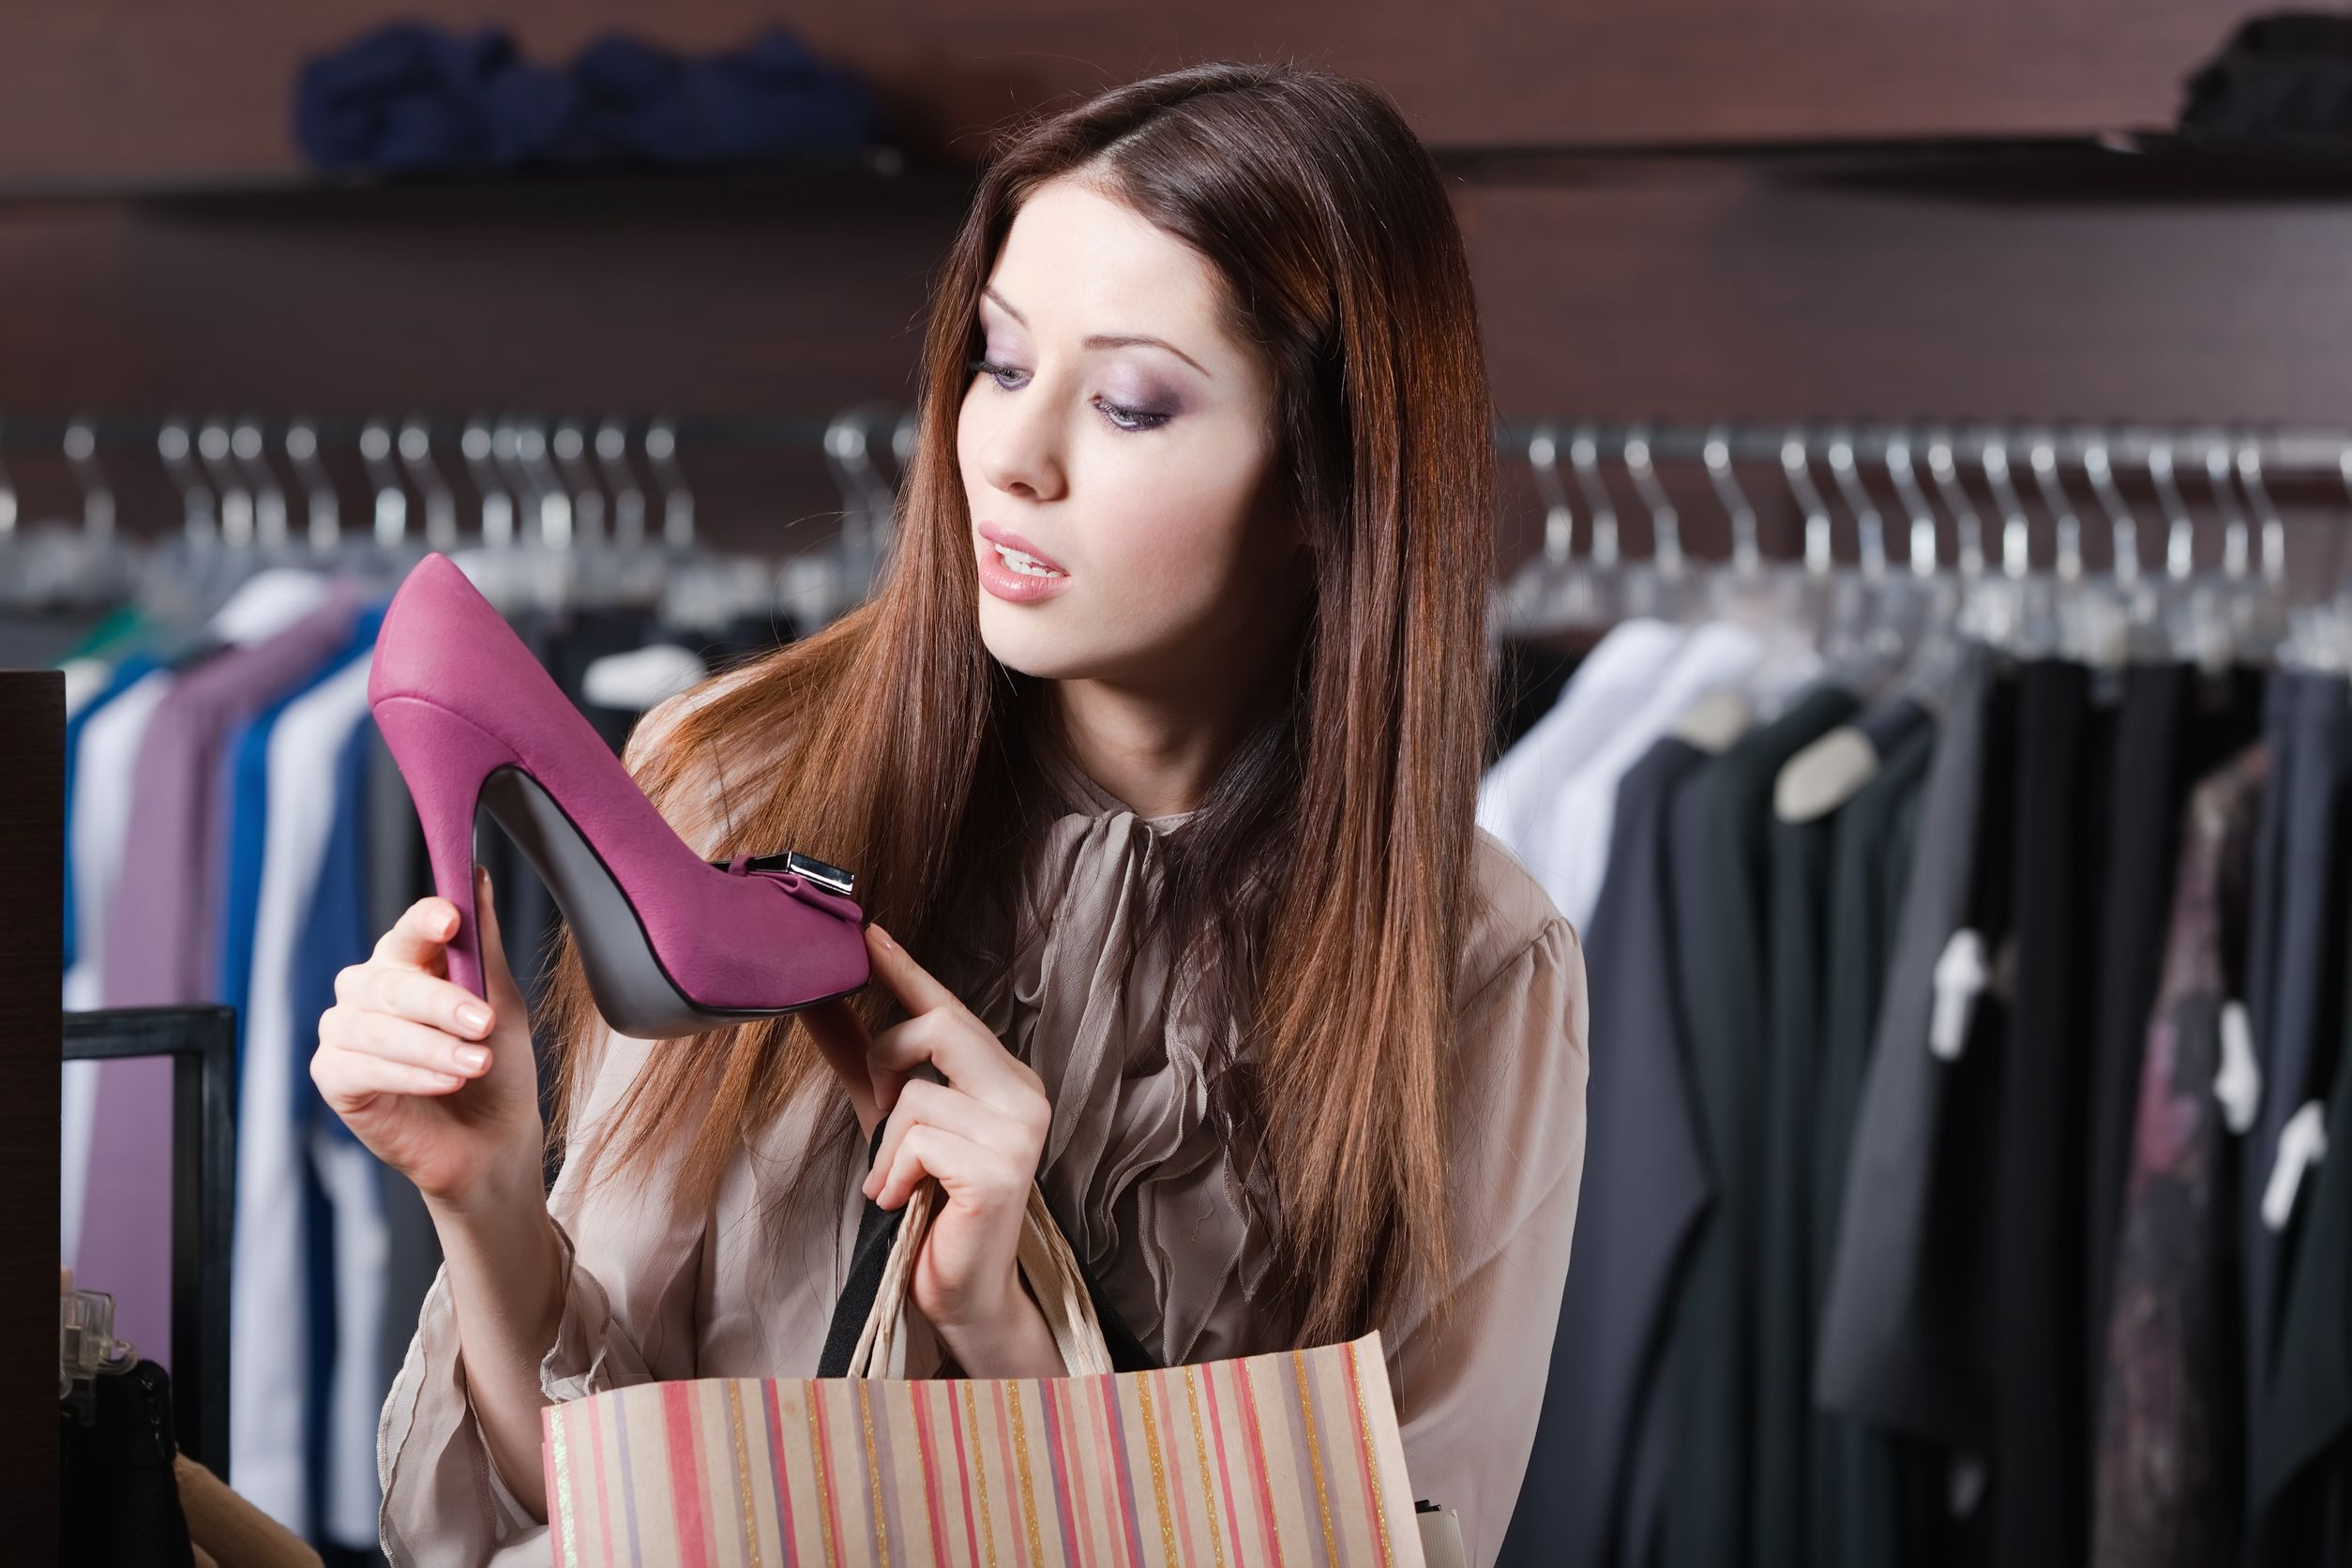 Возврат обуви в течение 14 дней по закону о защите прав потребителей